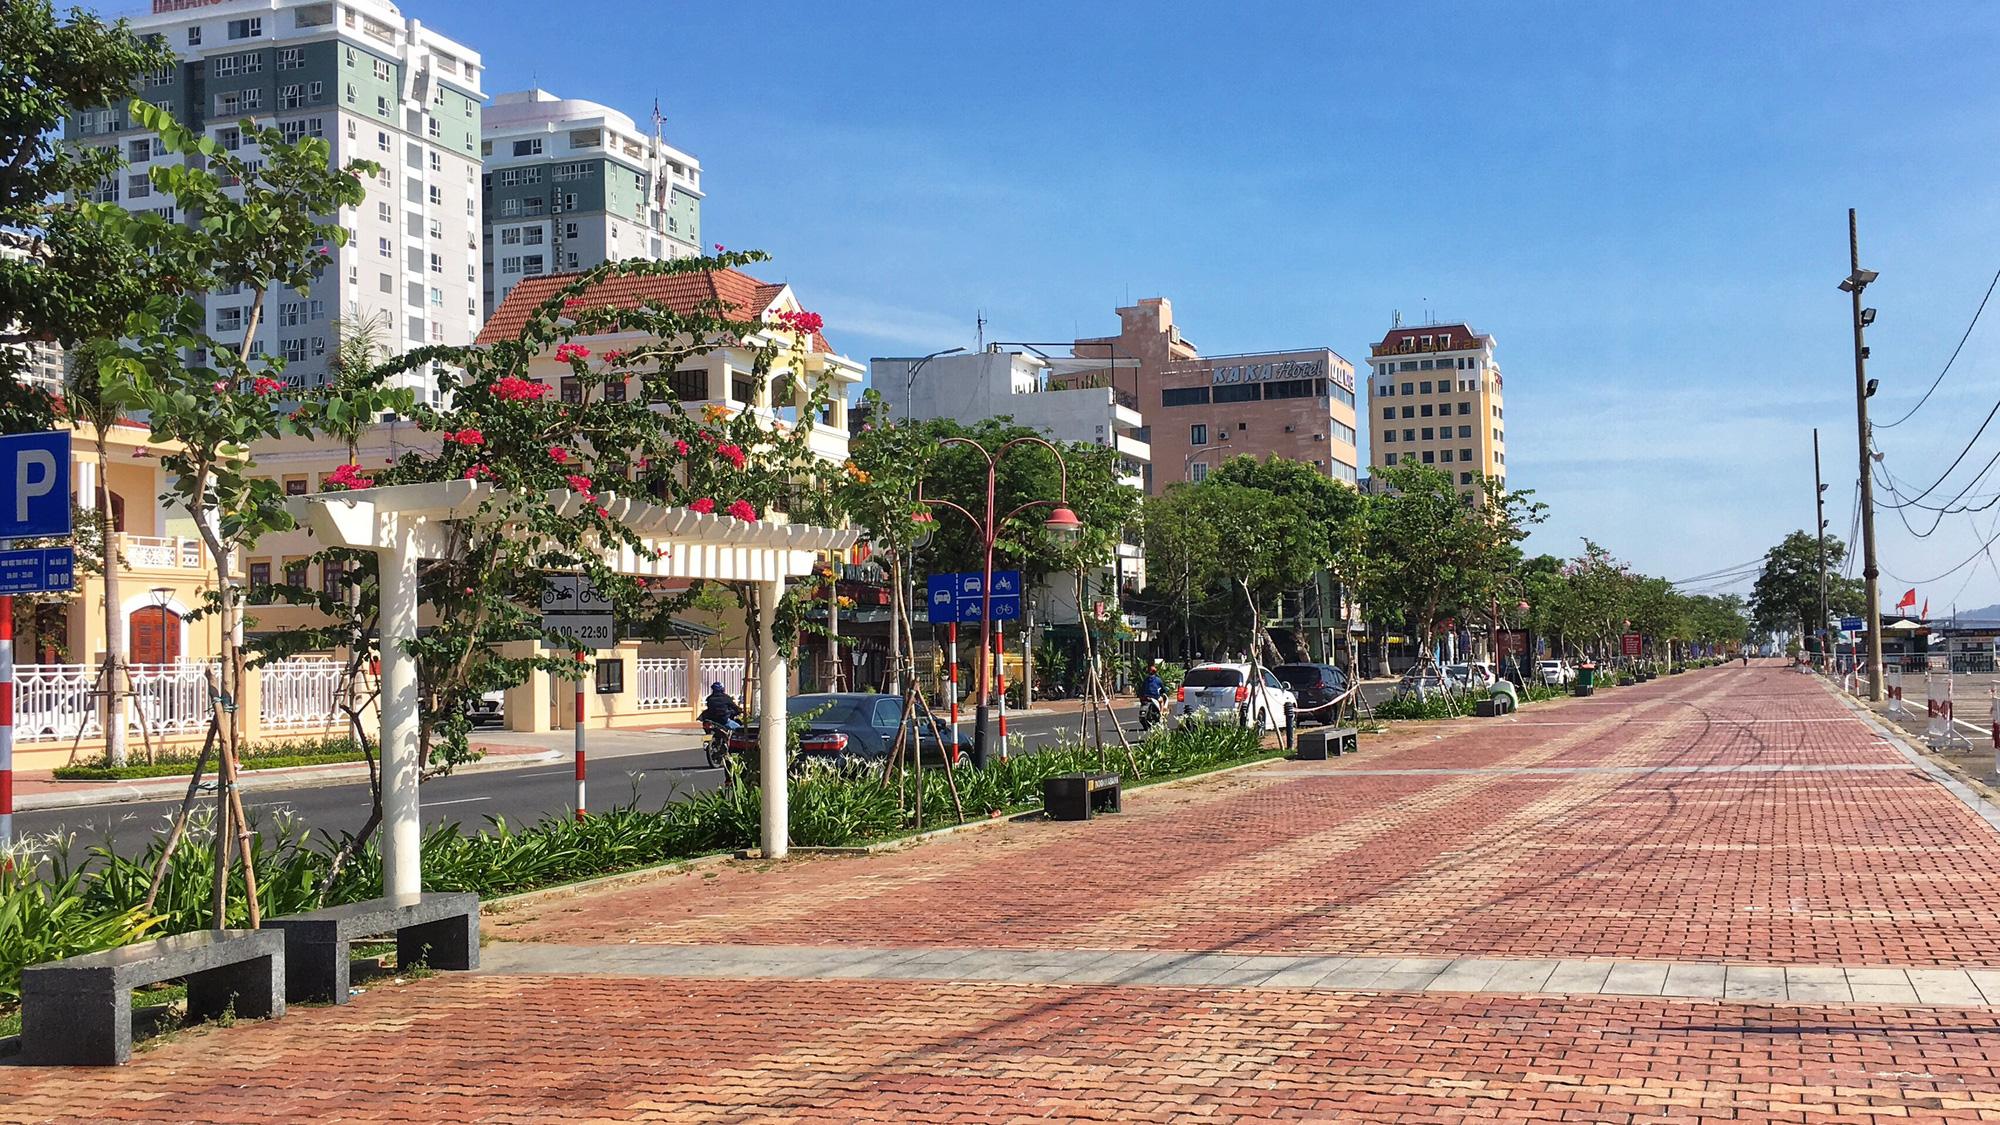 Đất vàng trung tâm Đà Nẵng làm quảng trường - Ảnh 8.